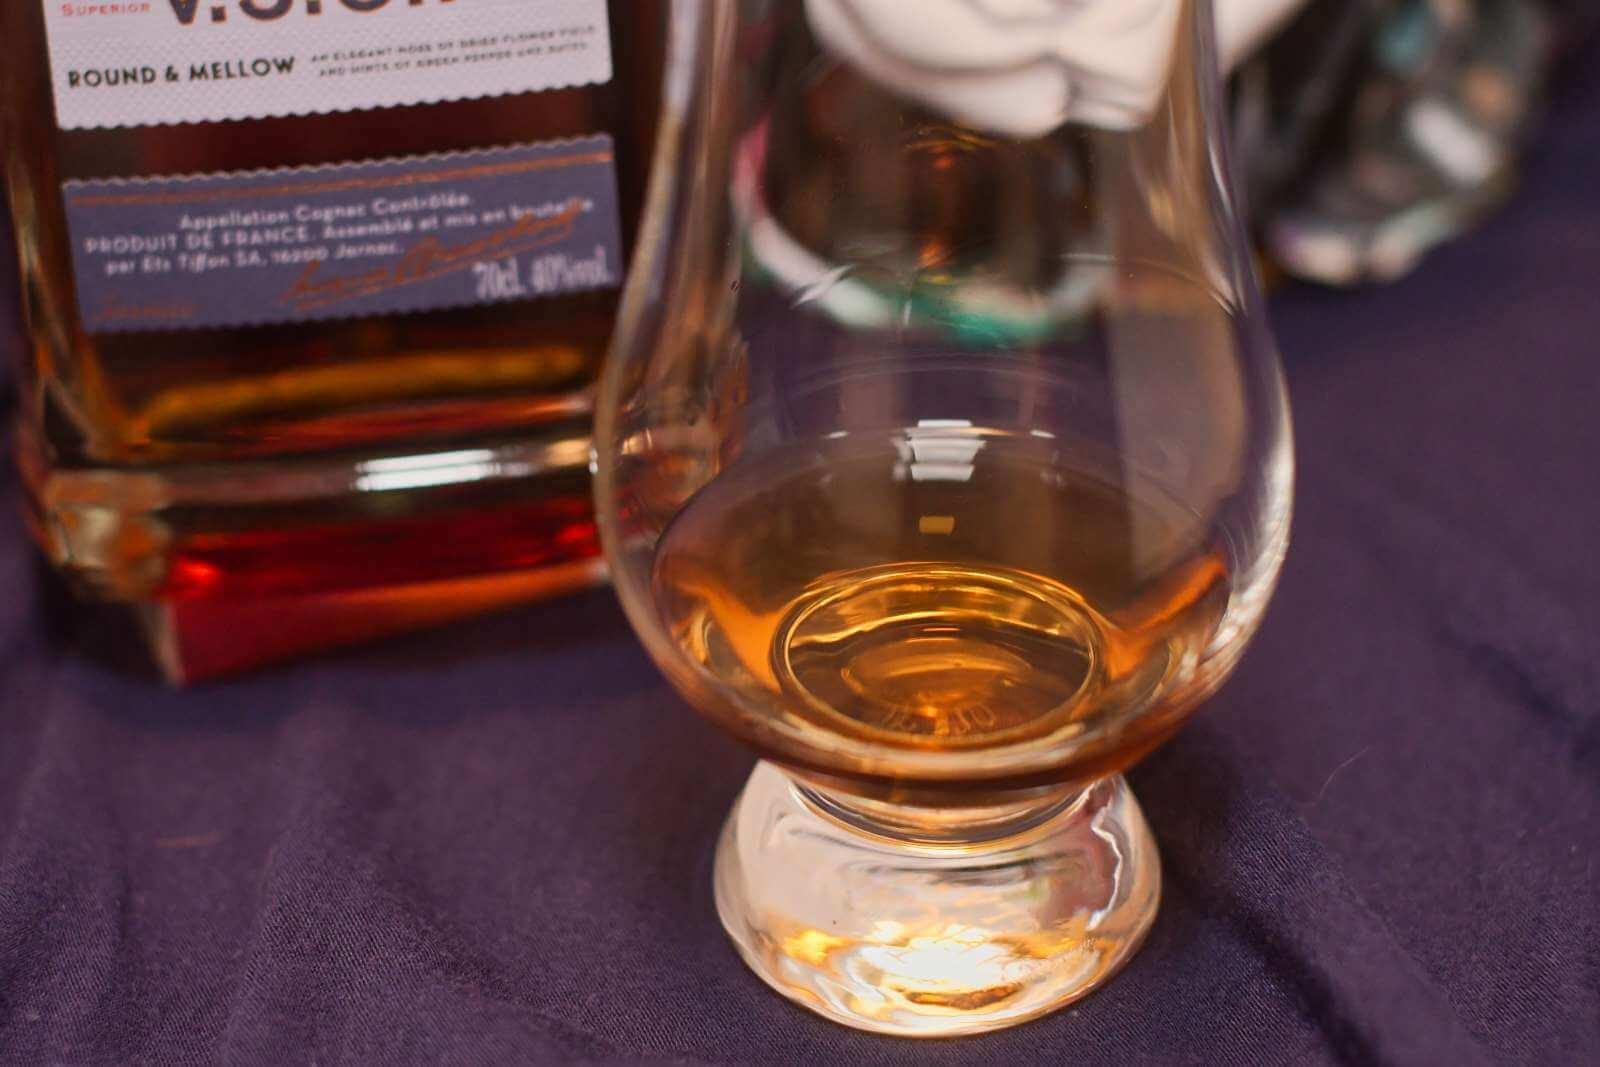 Braastad VSOP Cognac Detail 2